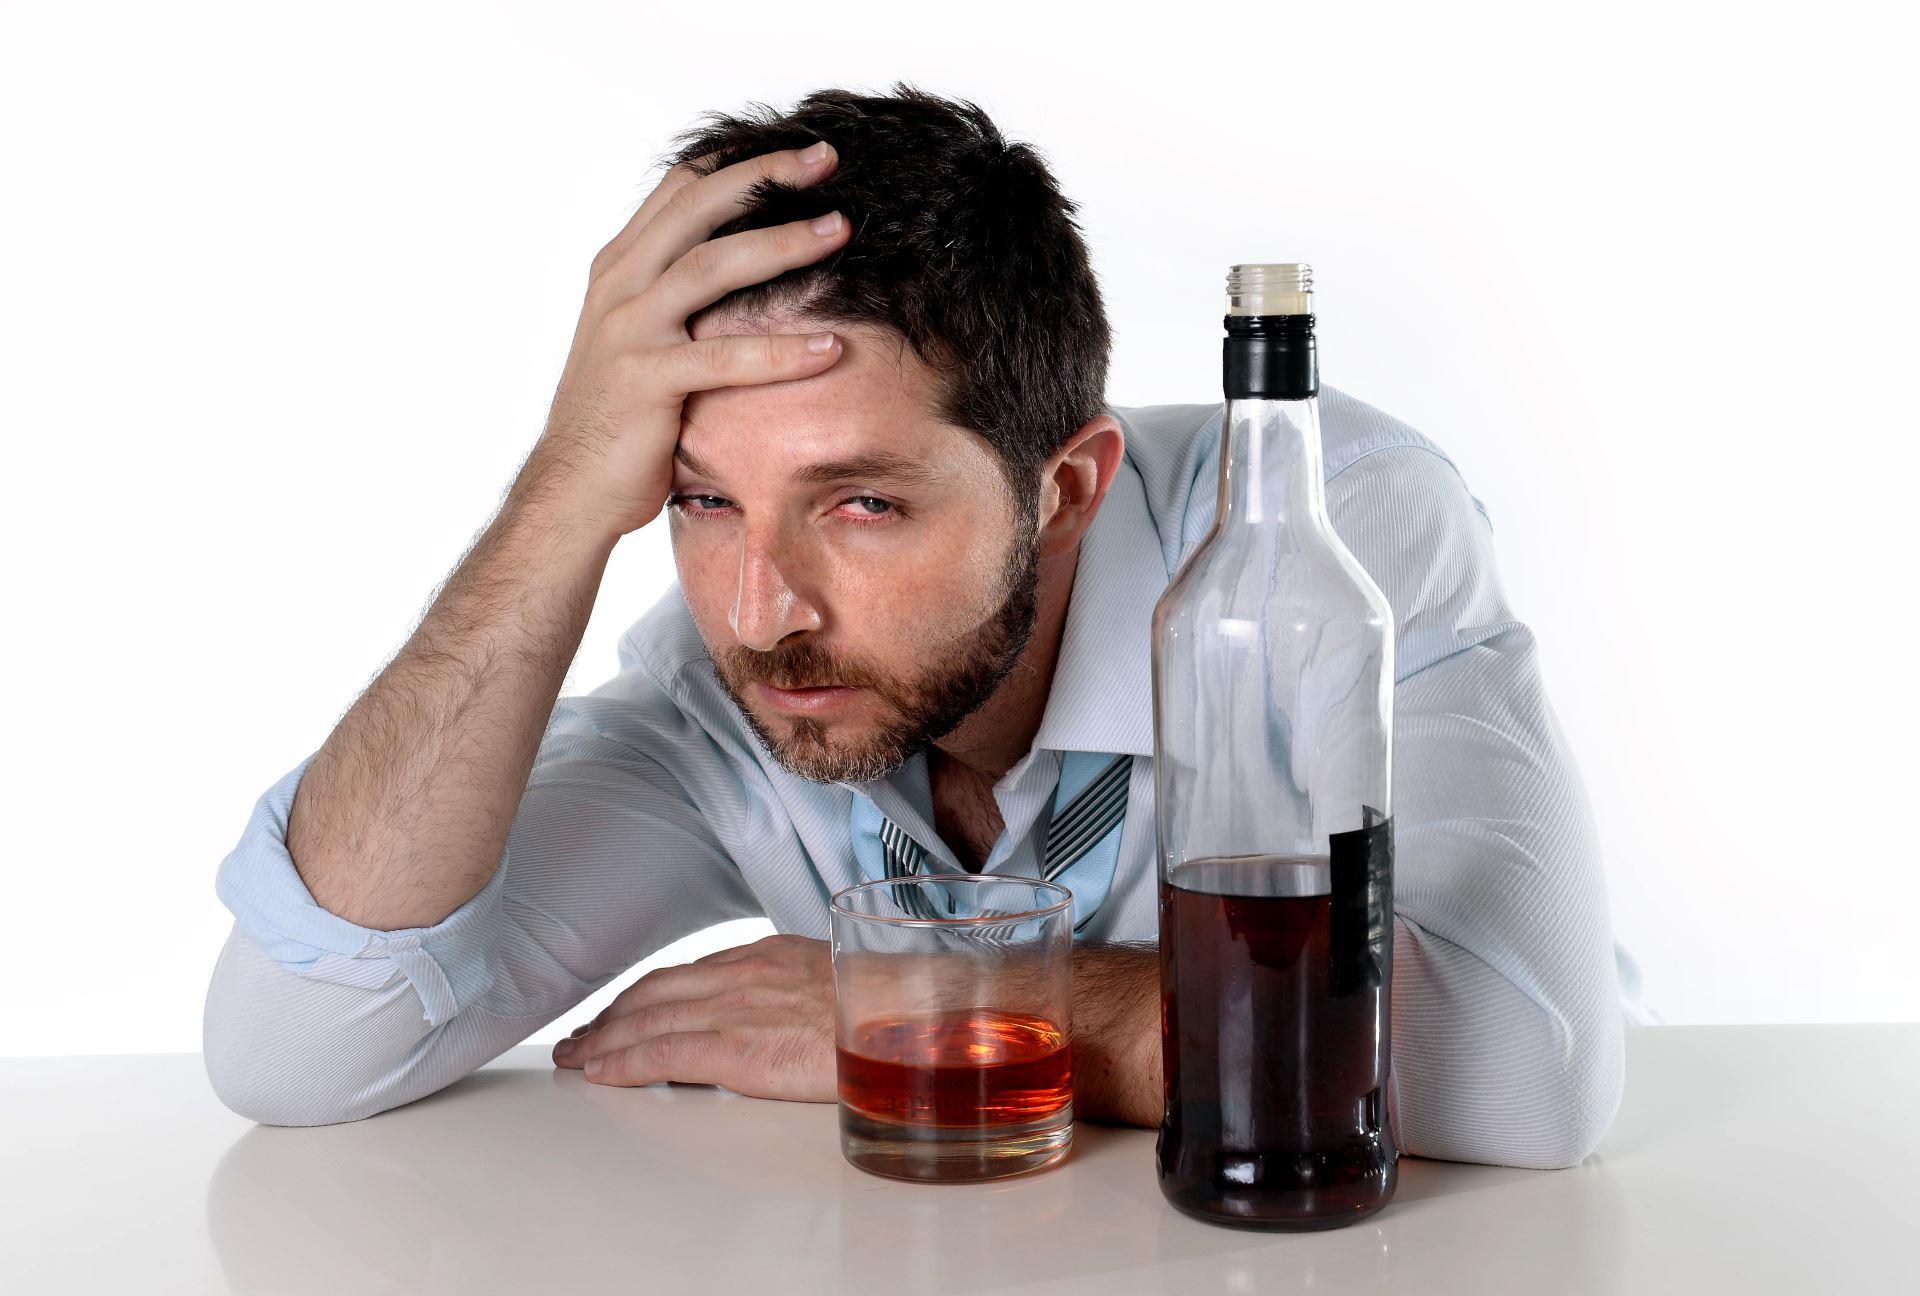 Кодировка от алкоголя в тольятти цена